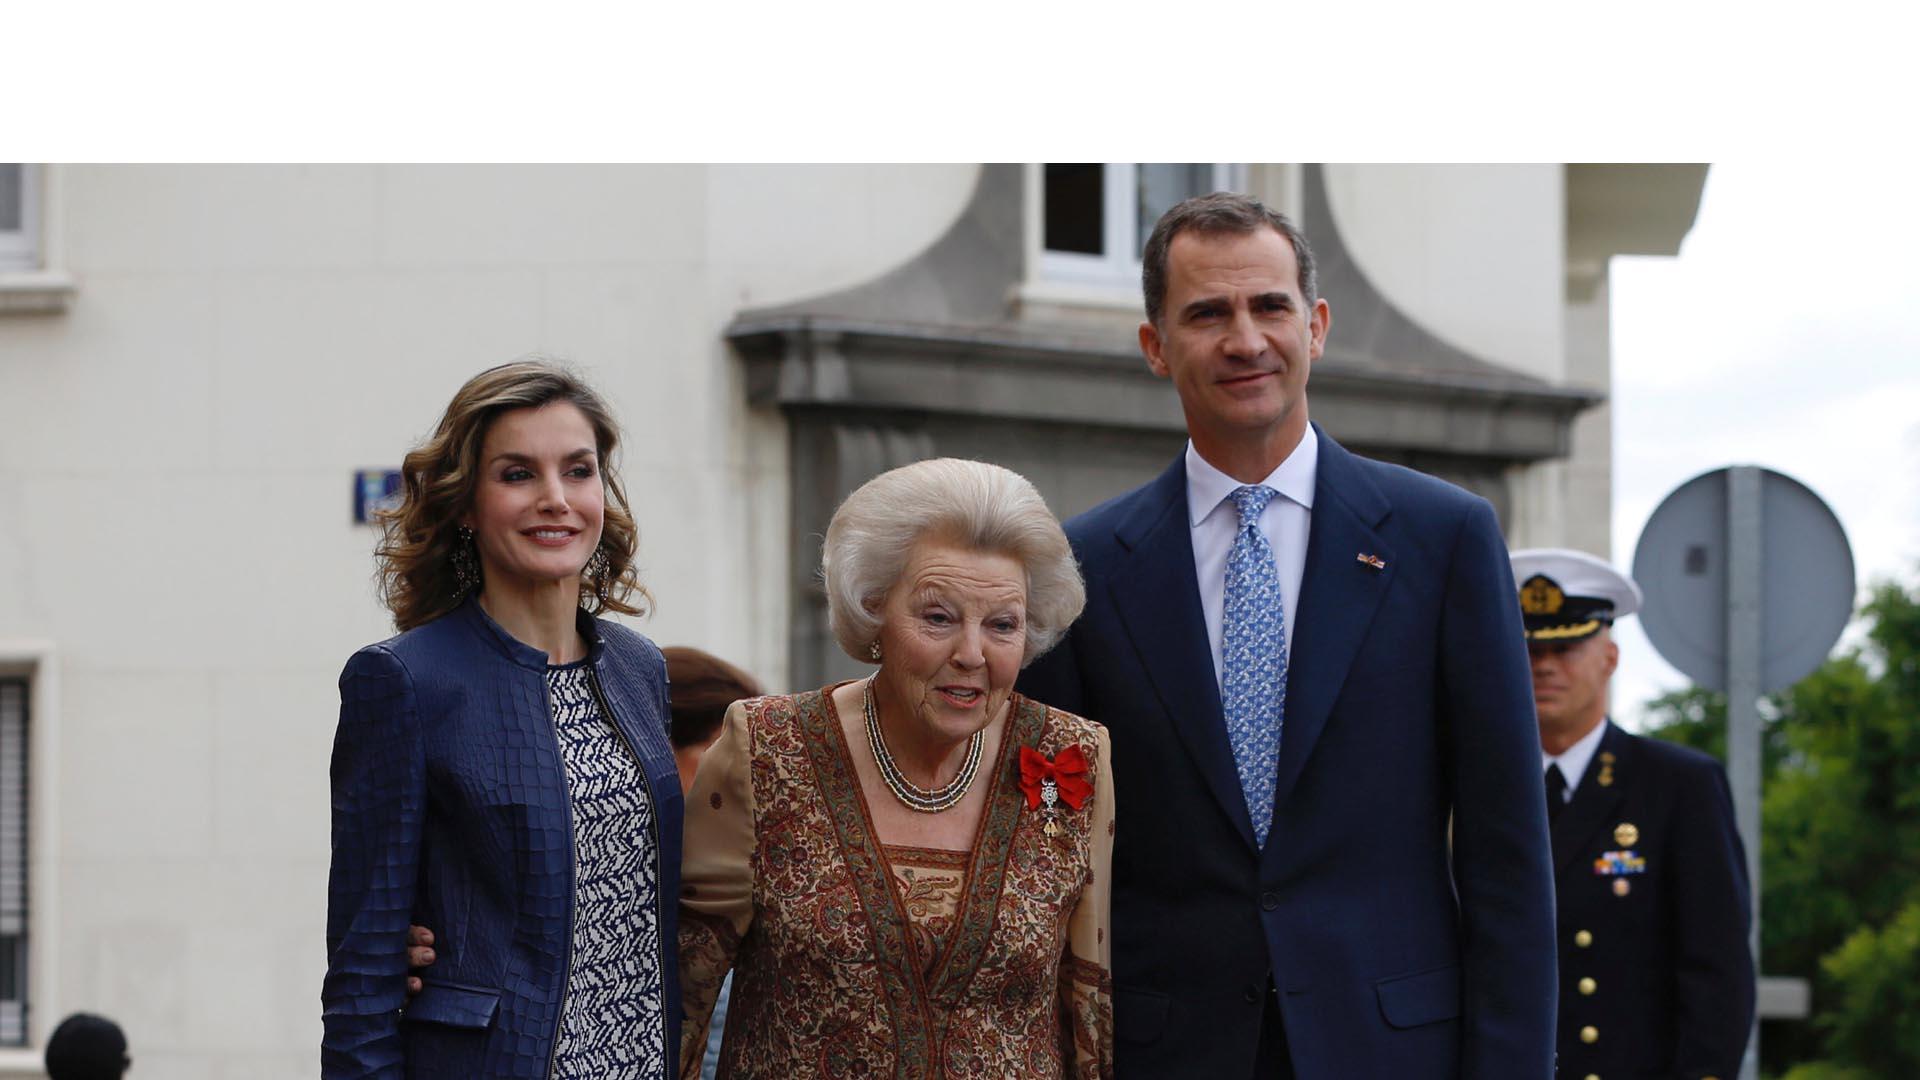 El evento realizado en Museo del Prado de Madrid tuvo como objetivo conmemorar el V centenario de la muerte del pintor El Bosco